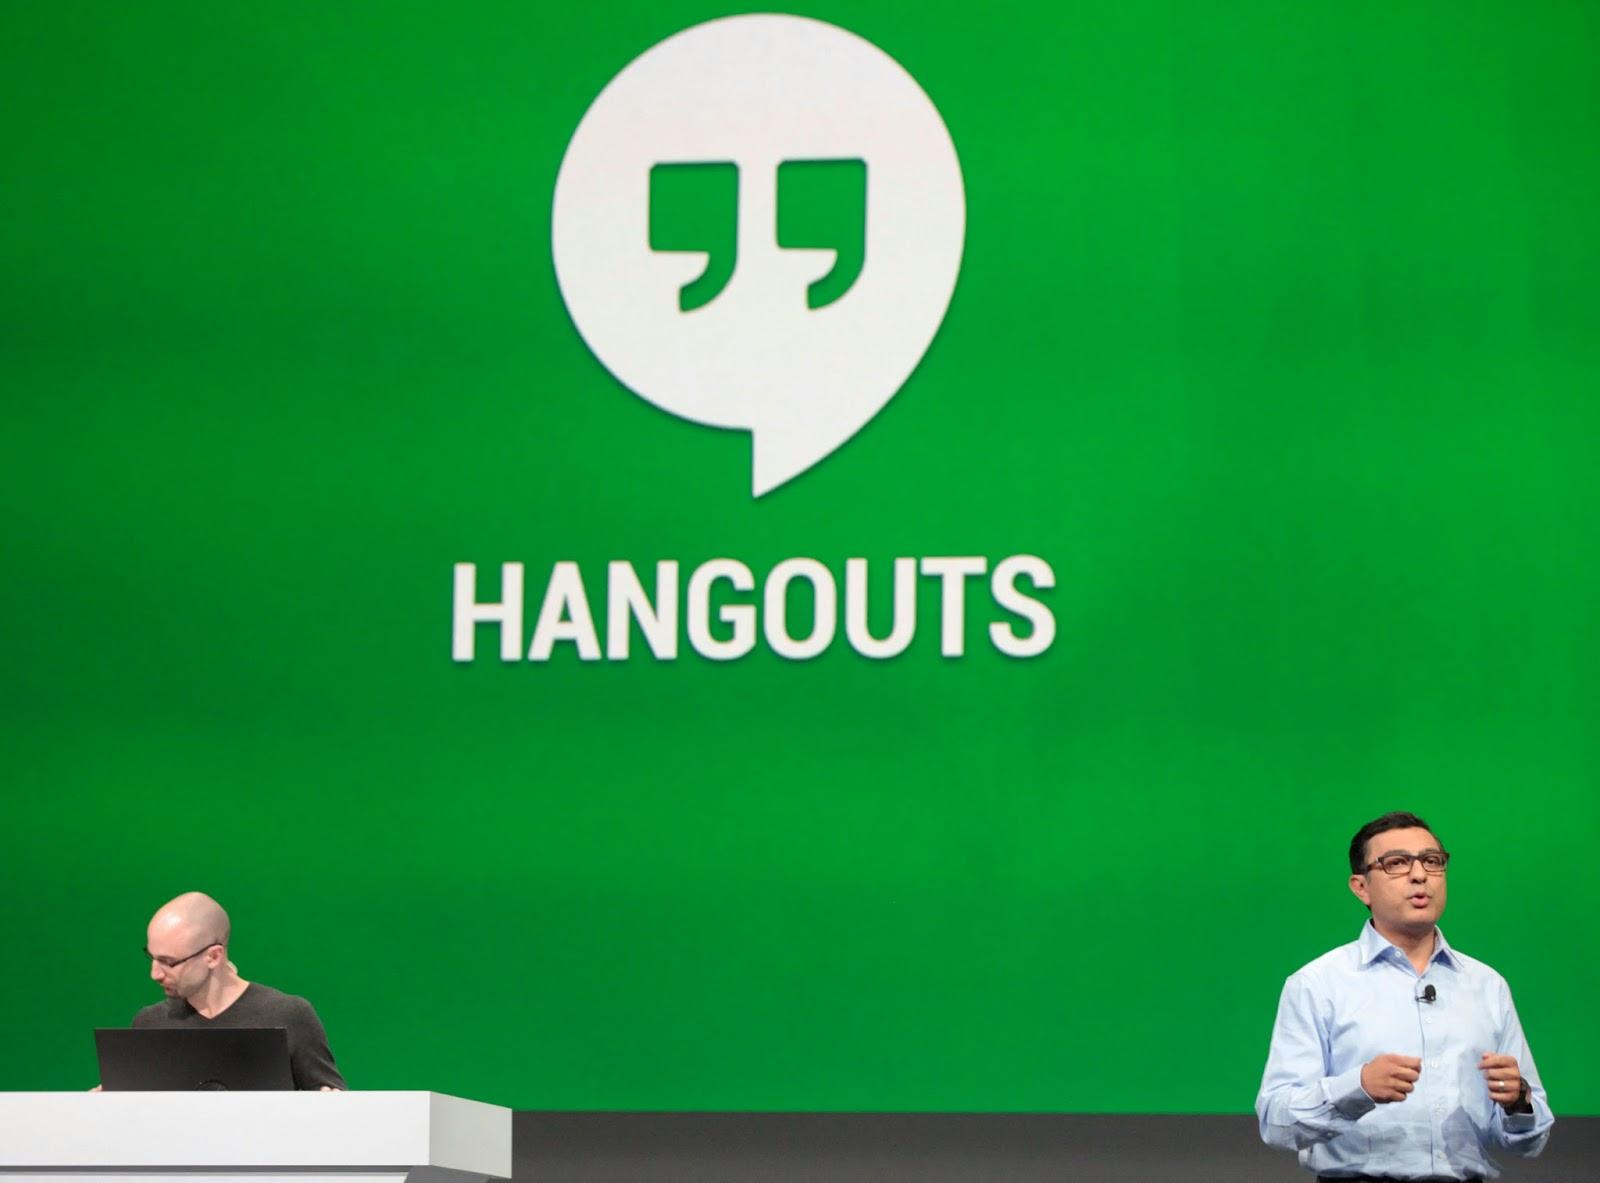 برنامج hangouts 2014 للدردشة على كاميرا الويب